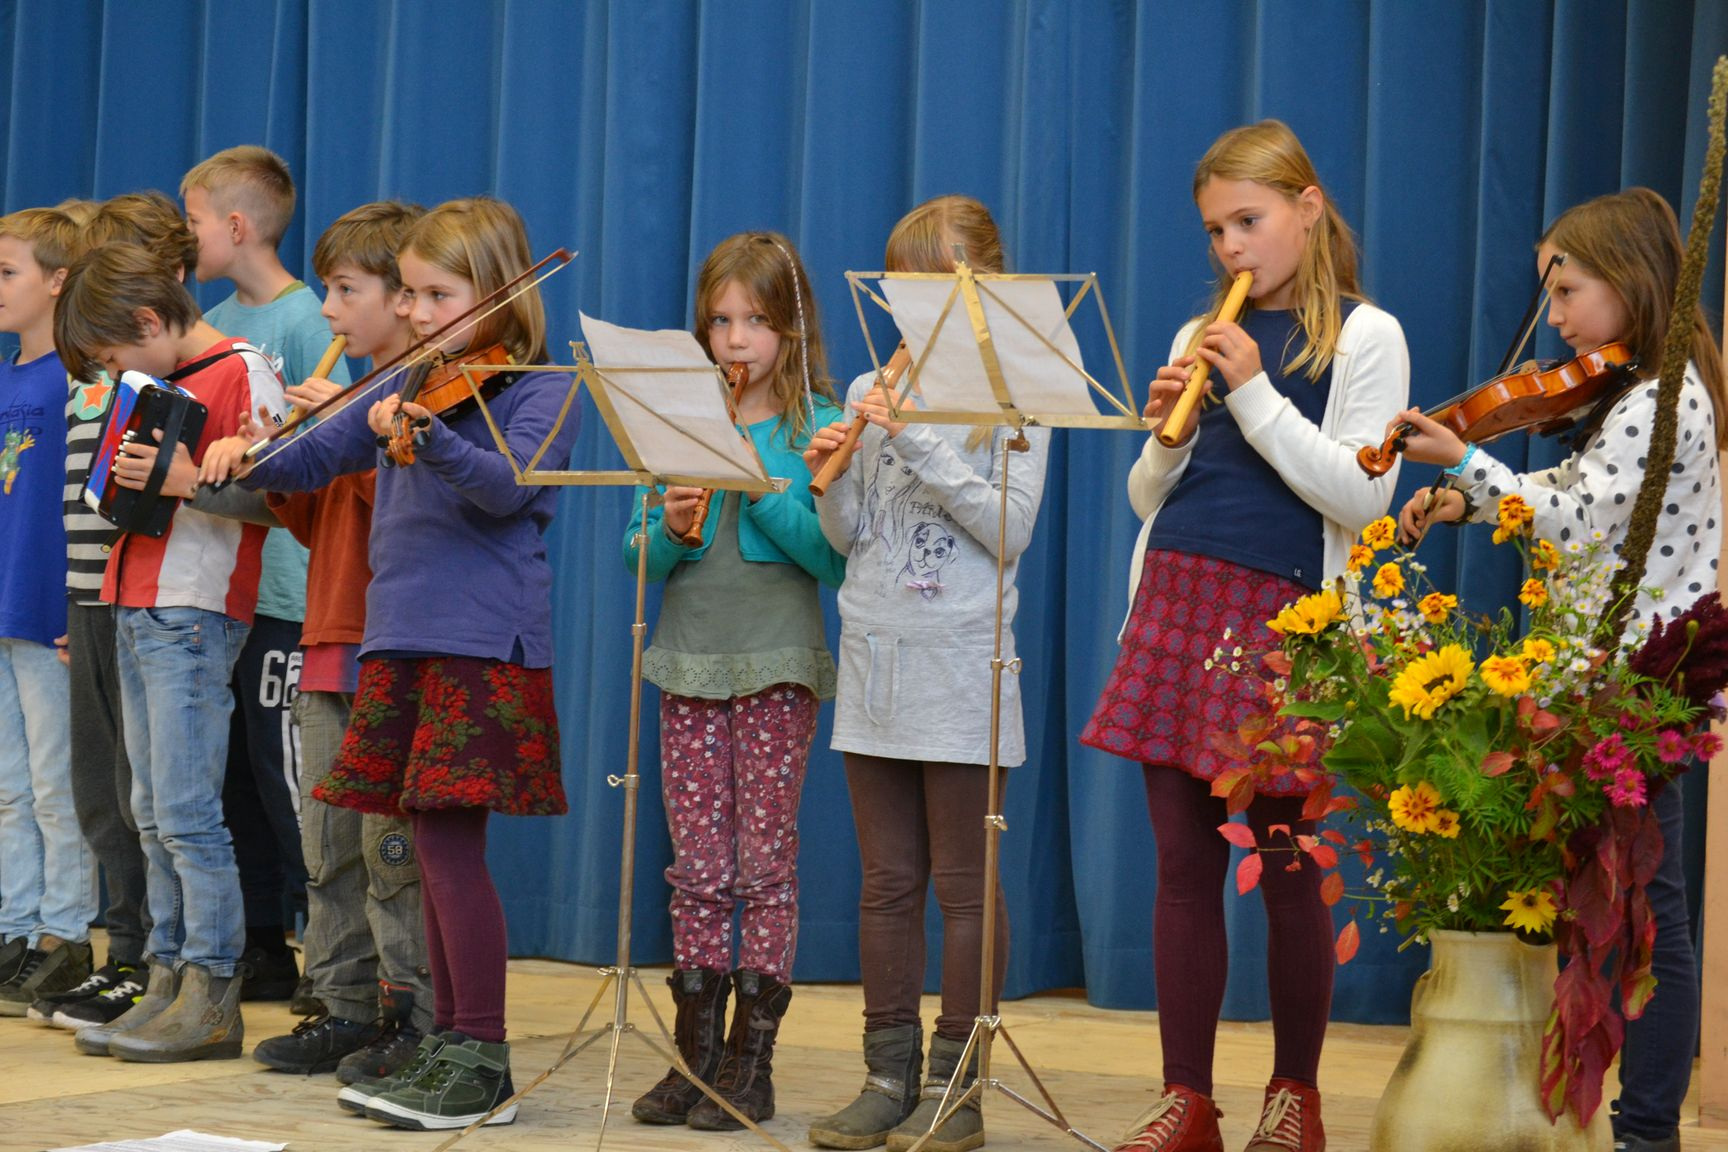 Musik zur Schulfeier